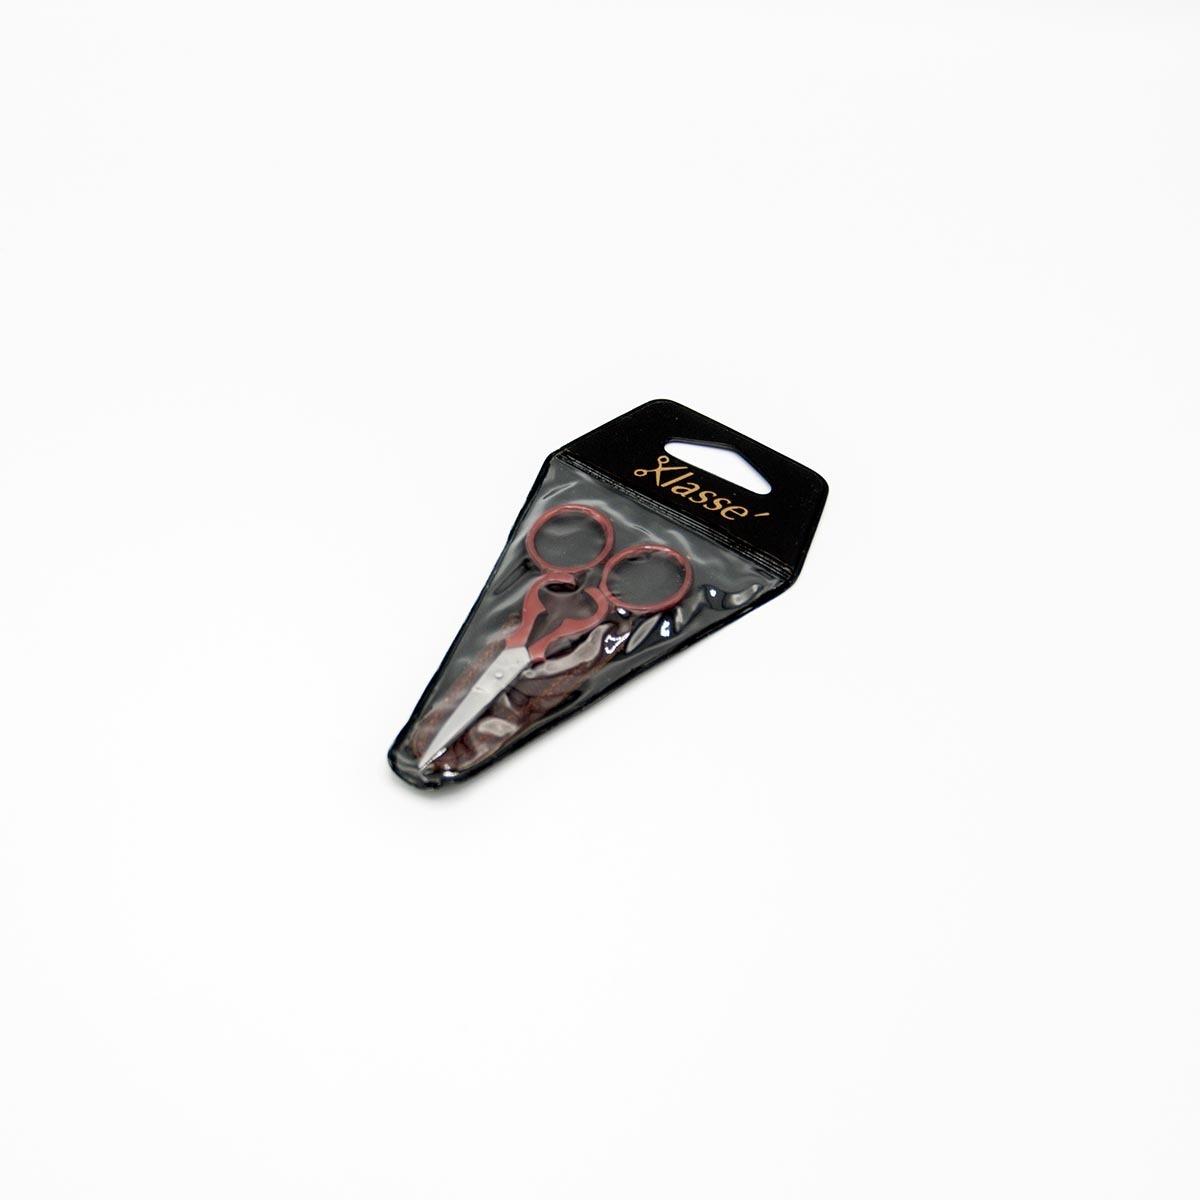 Ножницы, Hemline, 9.5 см